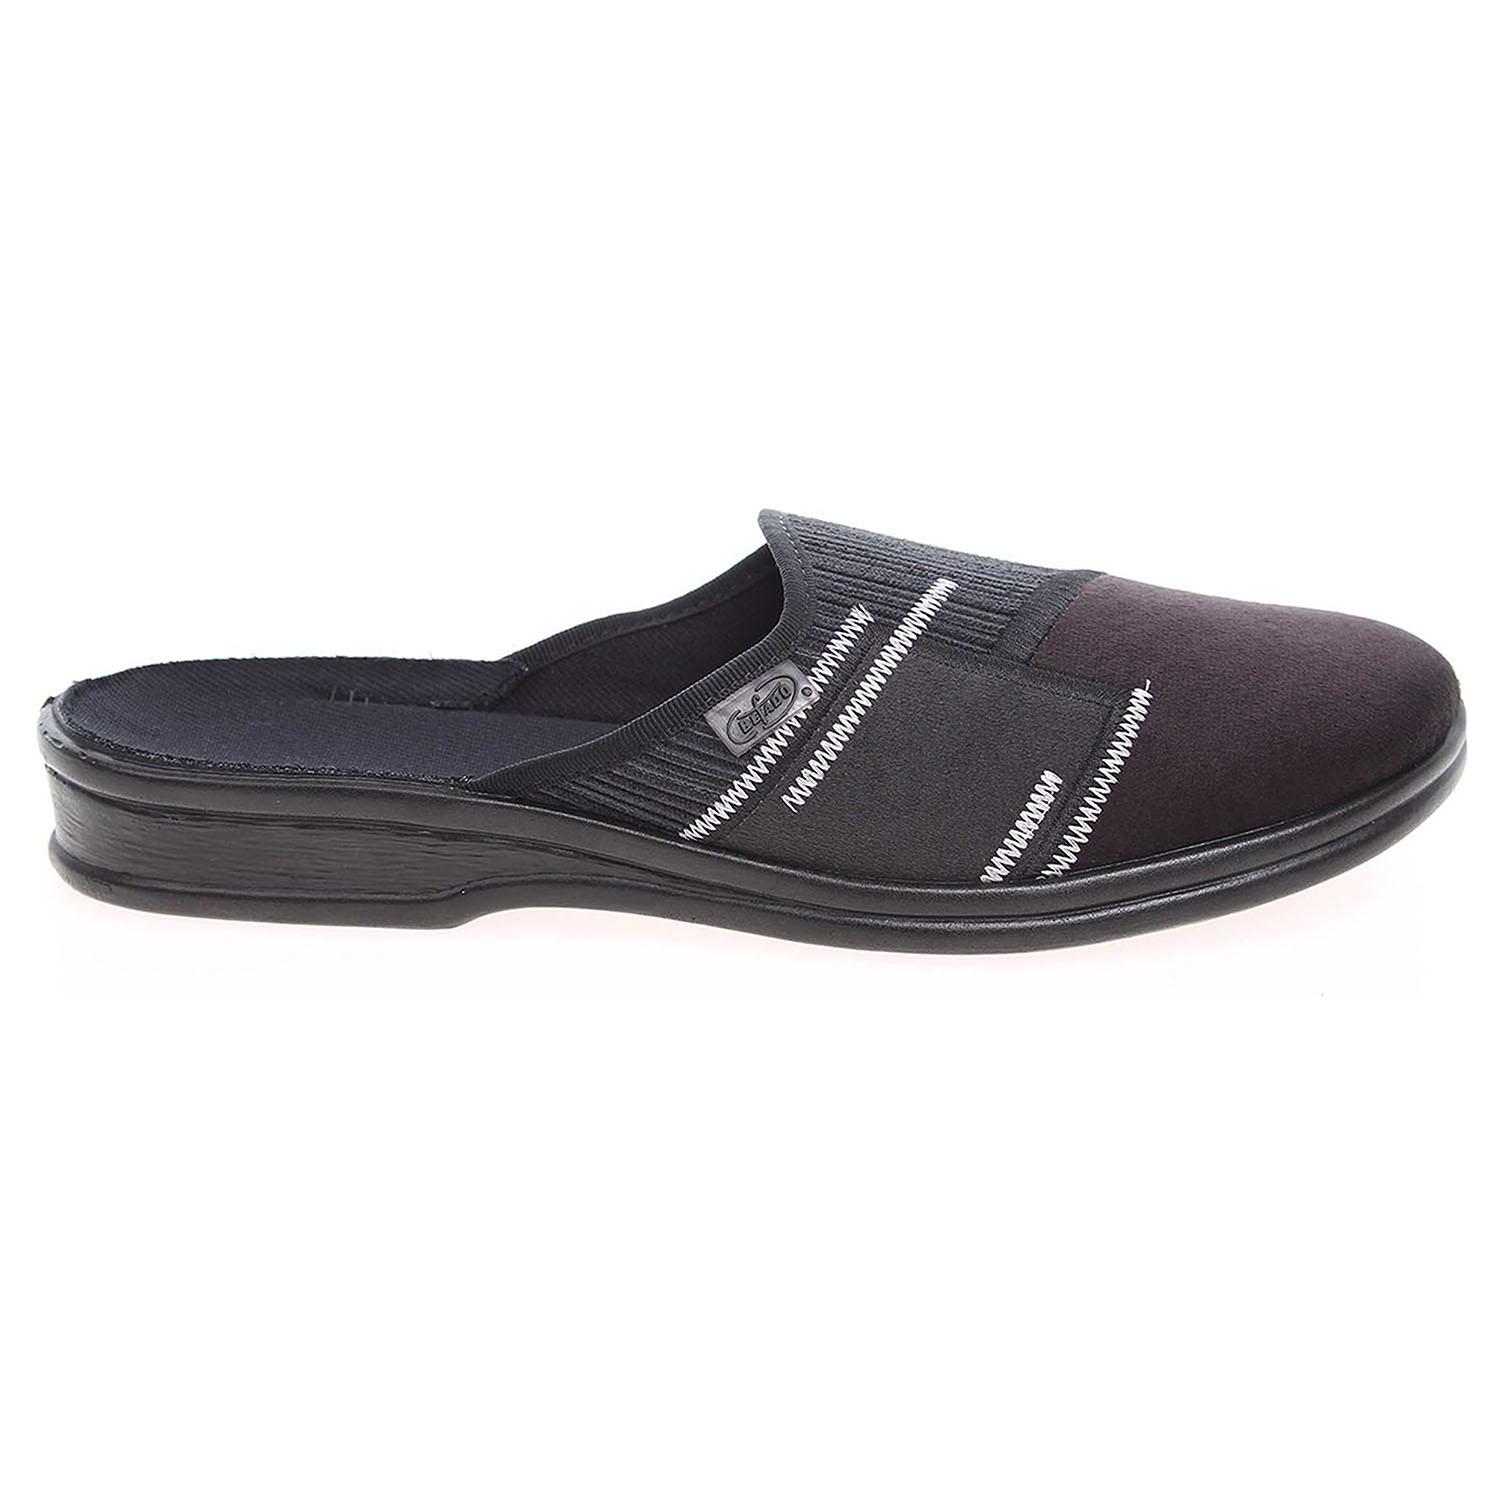 Befado pánské domácí pantofle 953M023 černé 44